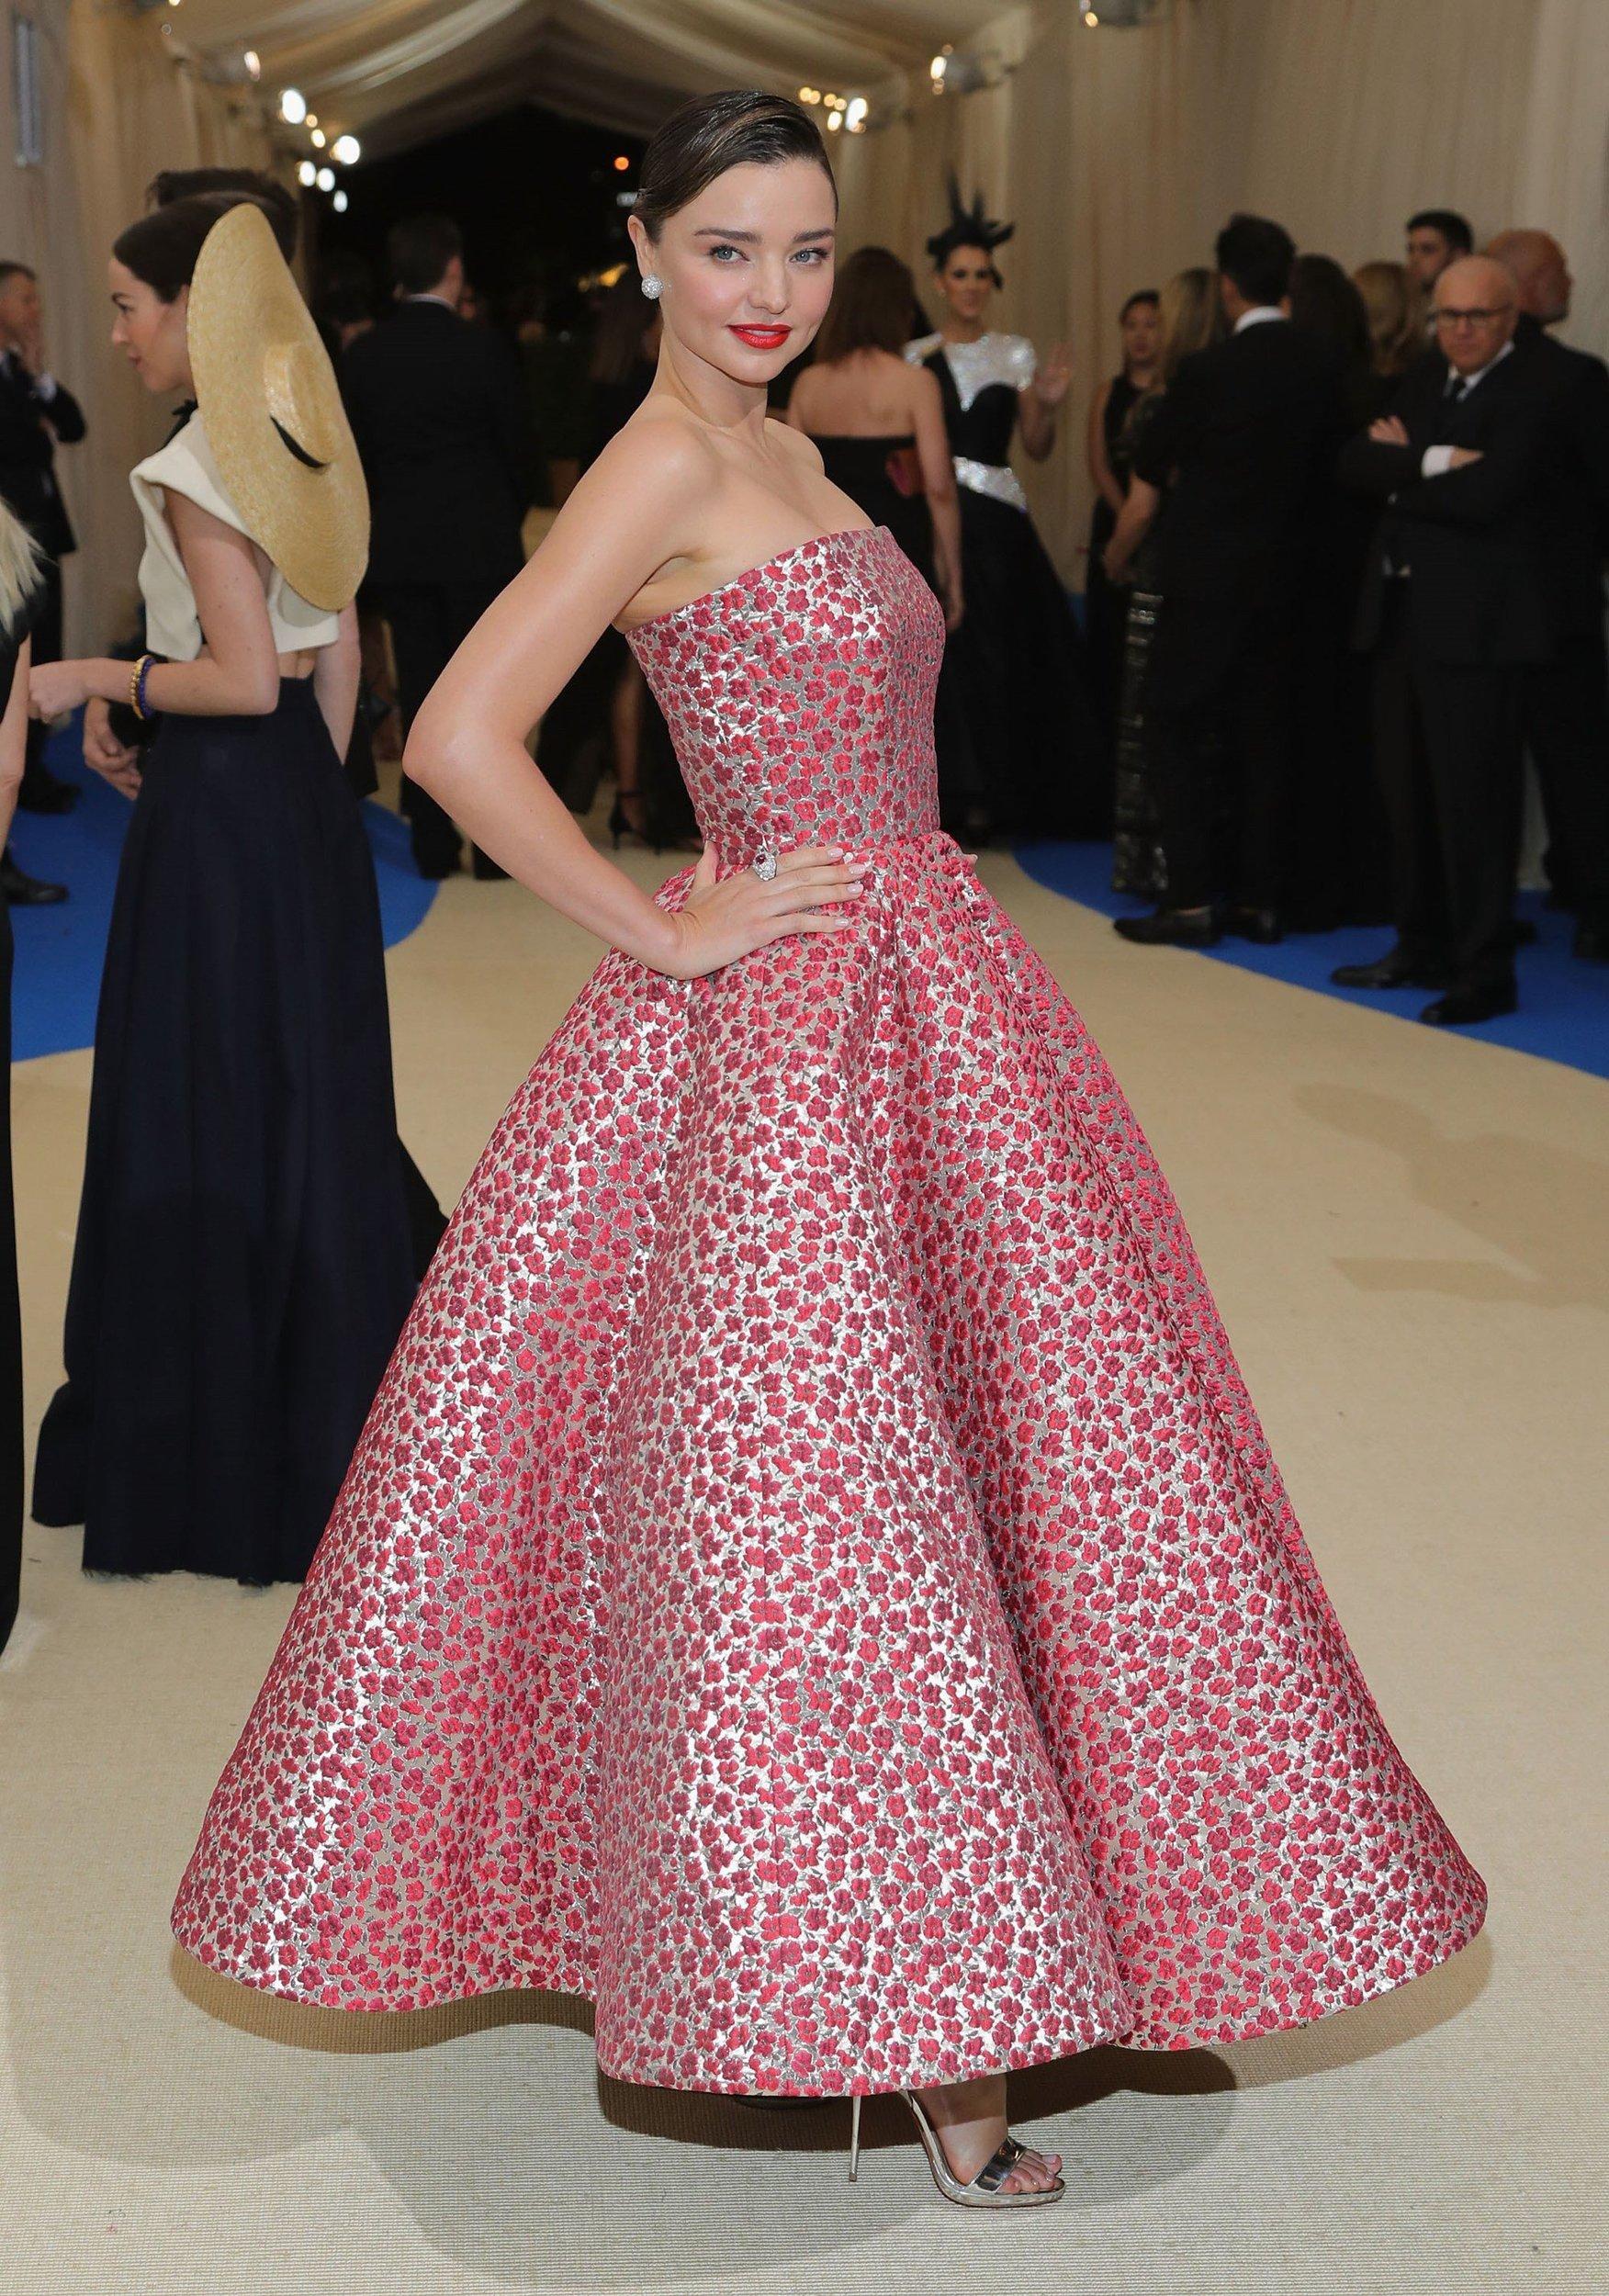 Miranda Kerr updo hairstyles 2017 Met Gala